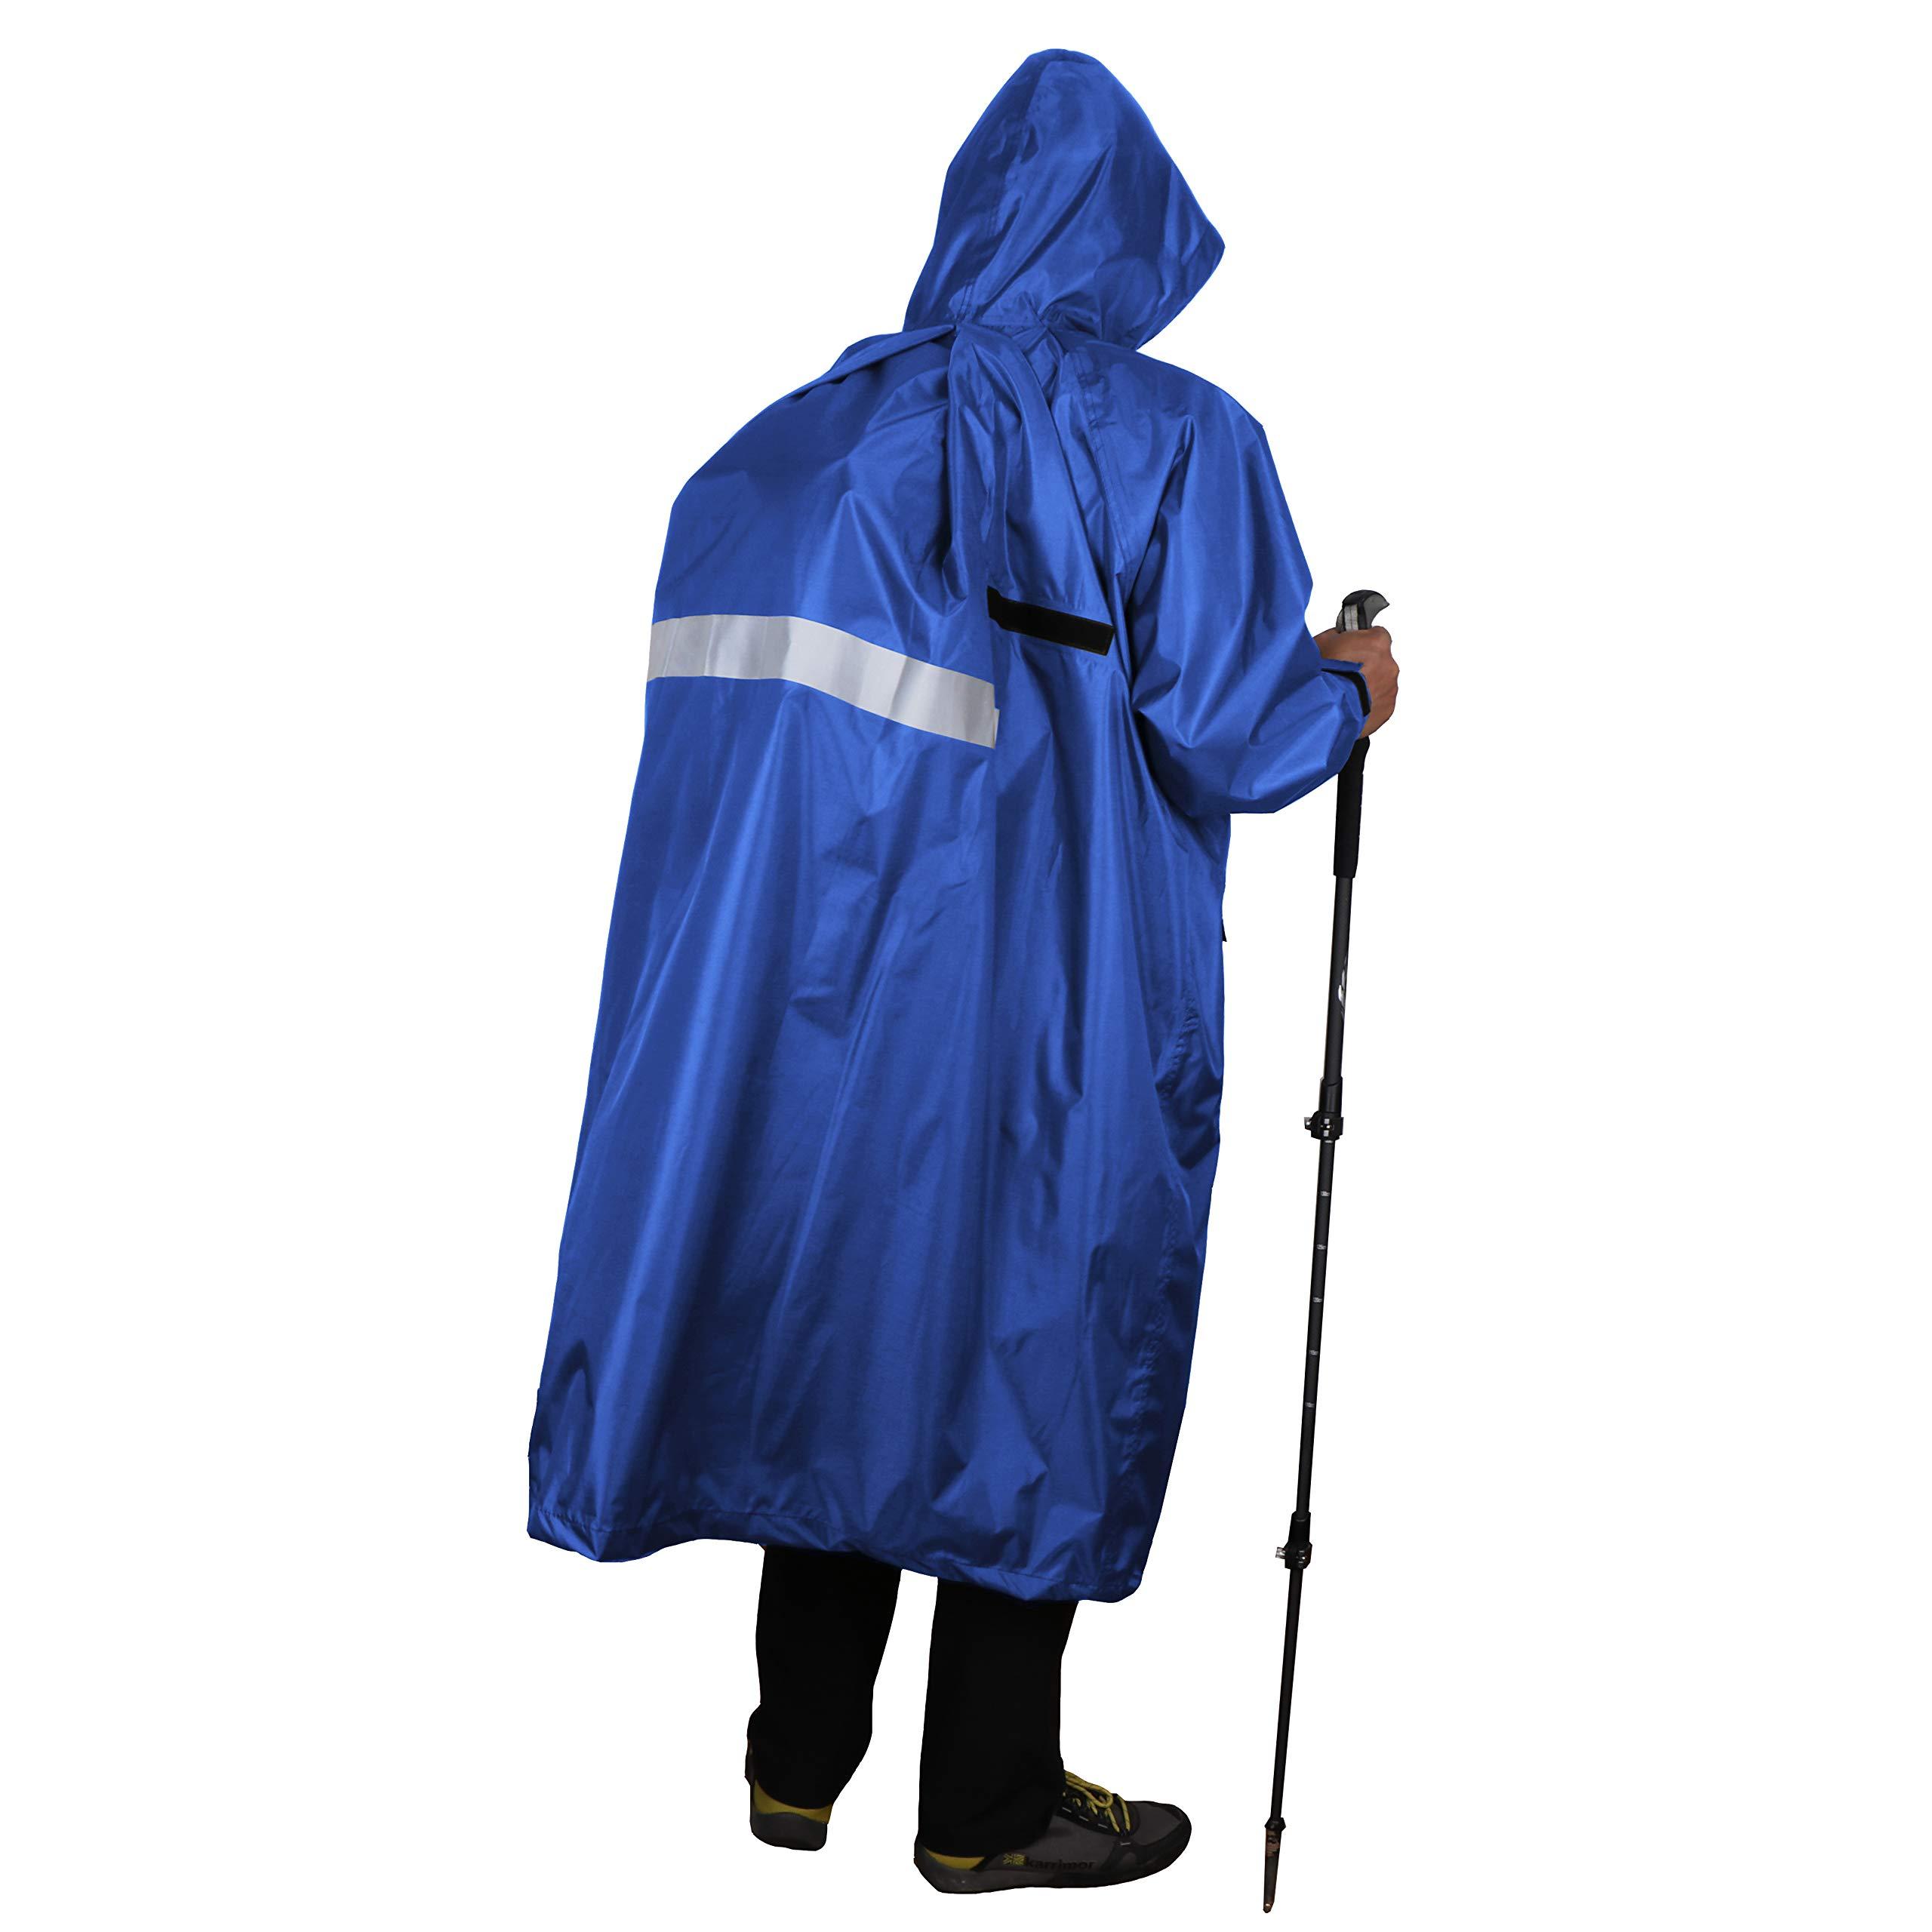 Anyoo Chaqueta Abrigo, Impermeable para la Lluvia, Capas de Peso Ligero Compacto y Reutilizable